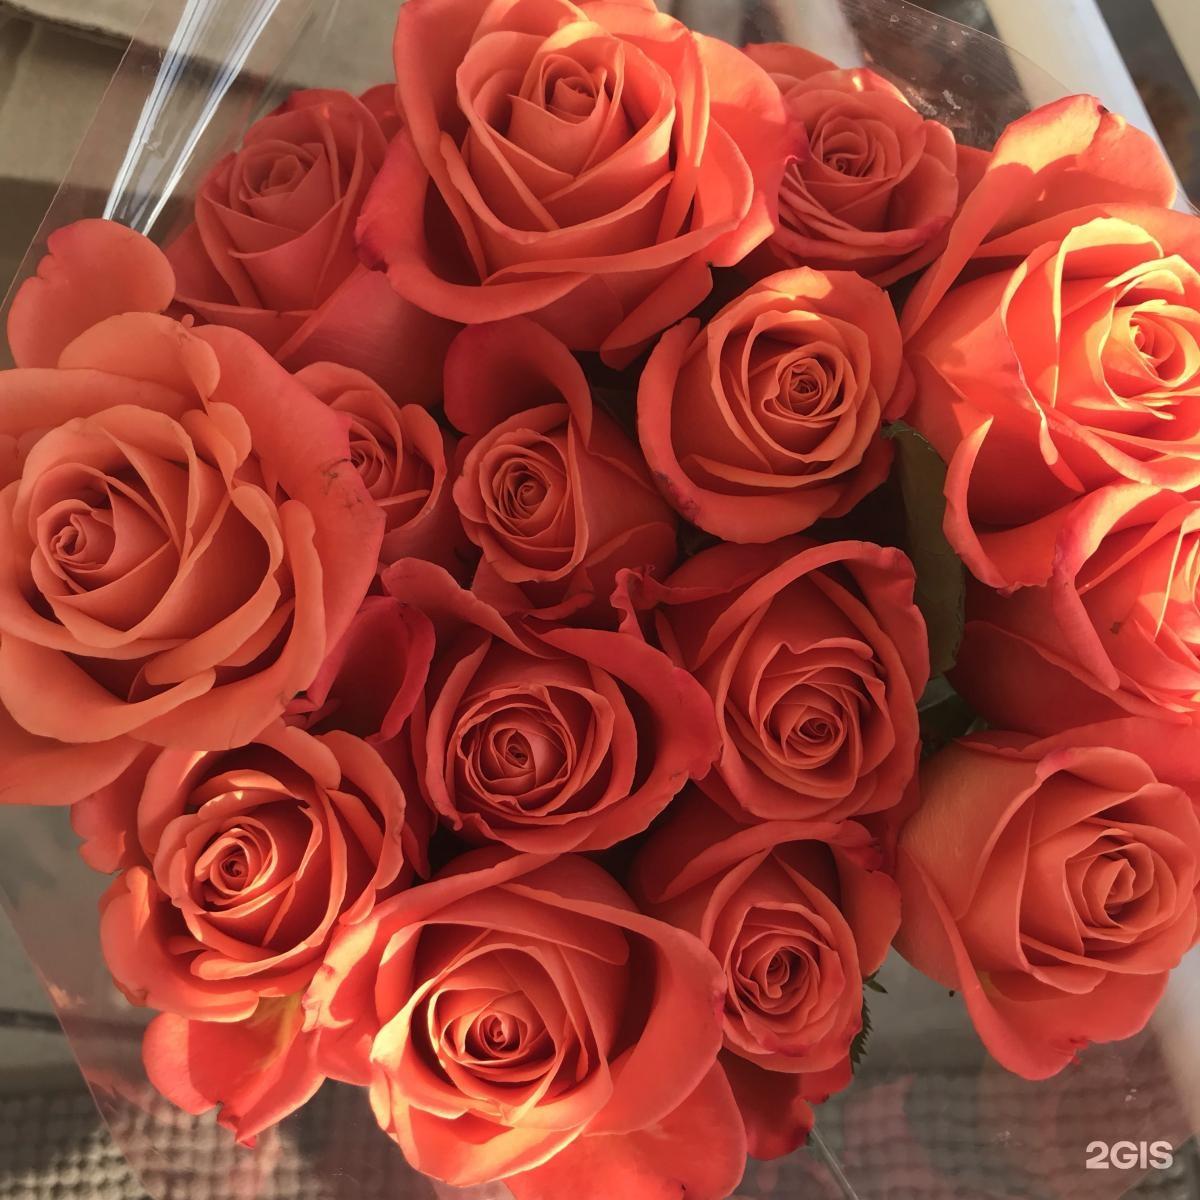 Букетов, росцветторг кемерово цены на цветы